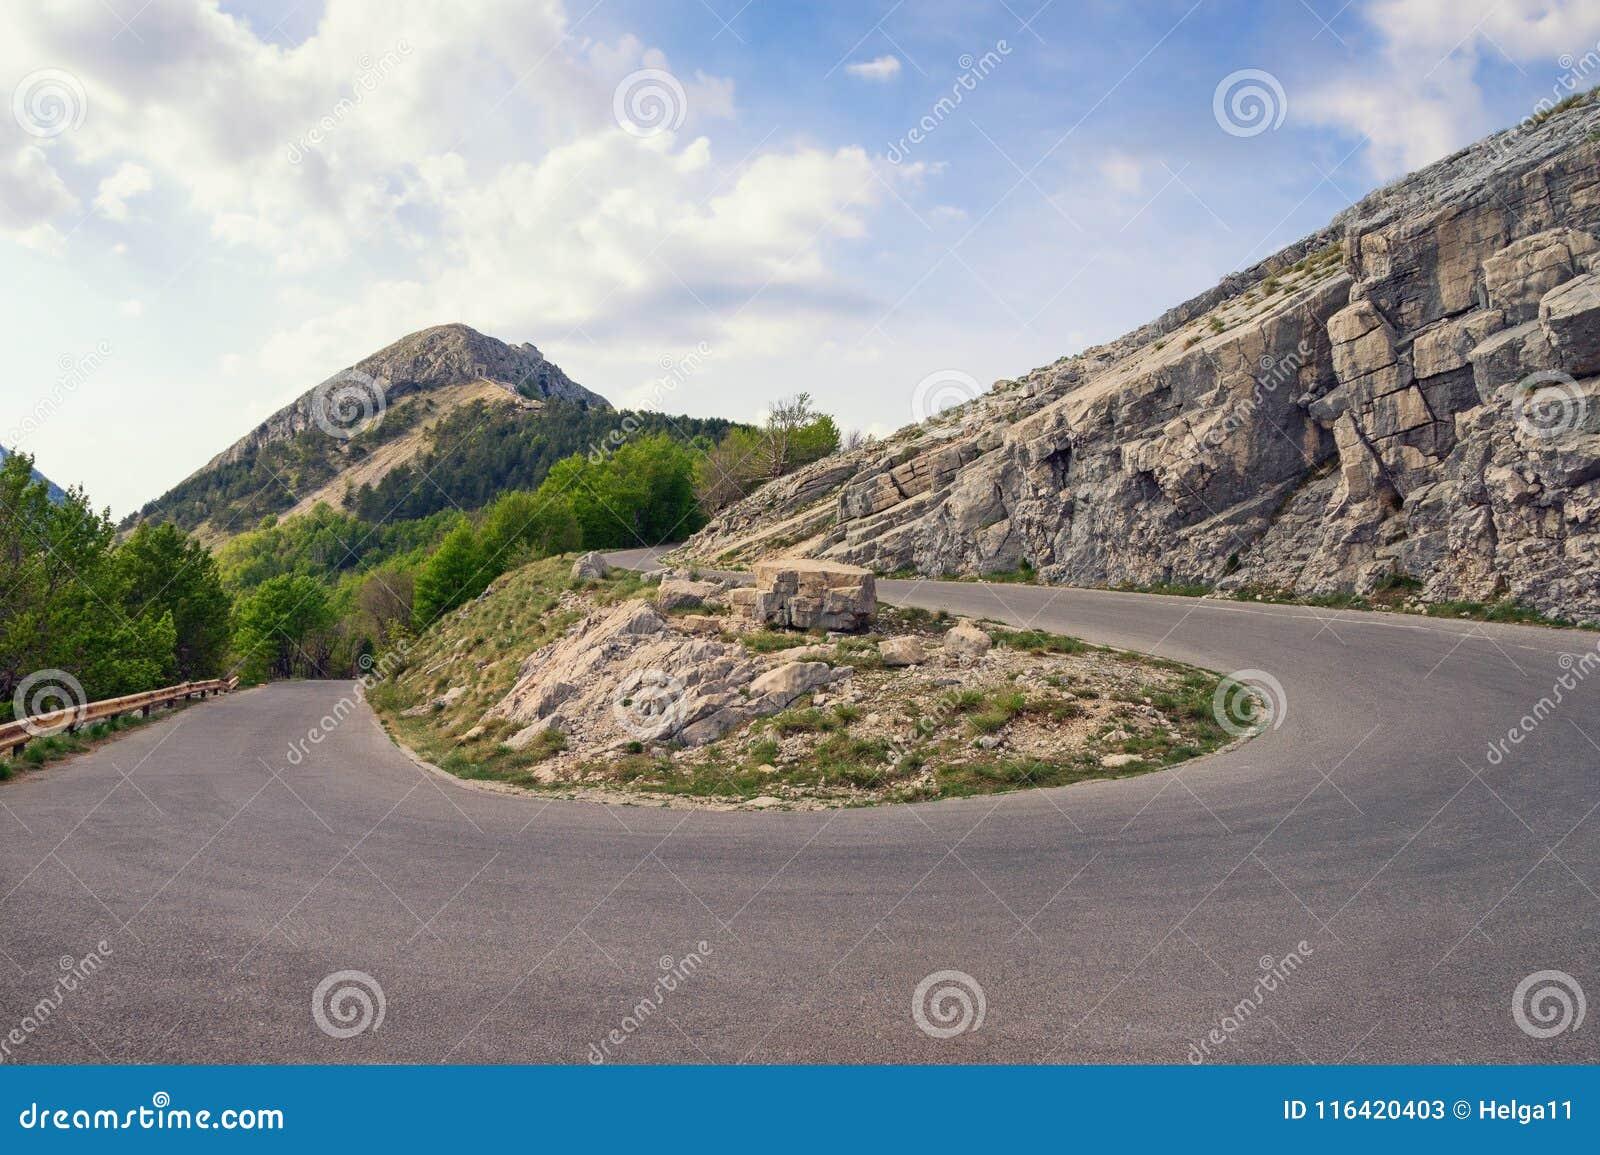 Estrada da montanha com uma volta de 180 graus Montenegro, vista do parque nacional de Lovcen